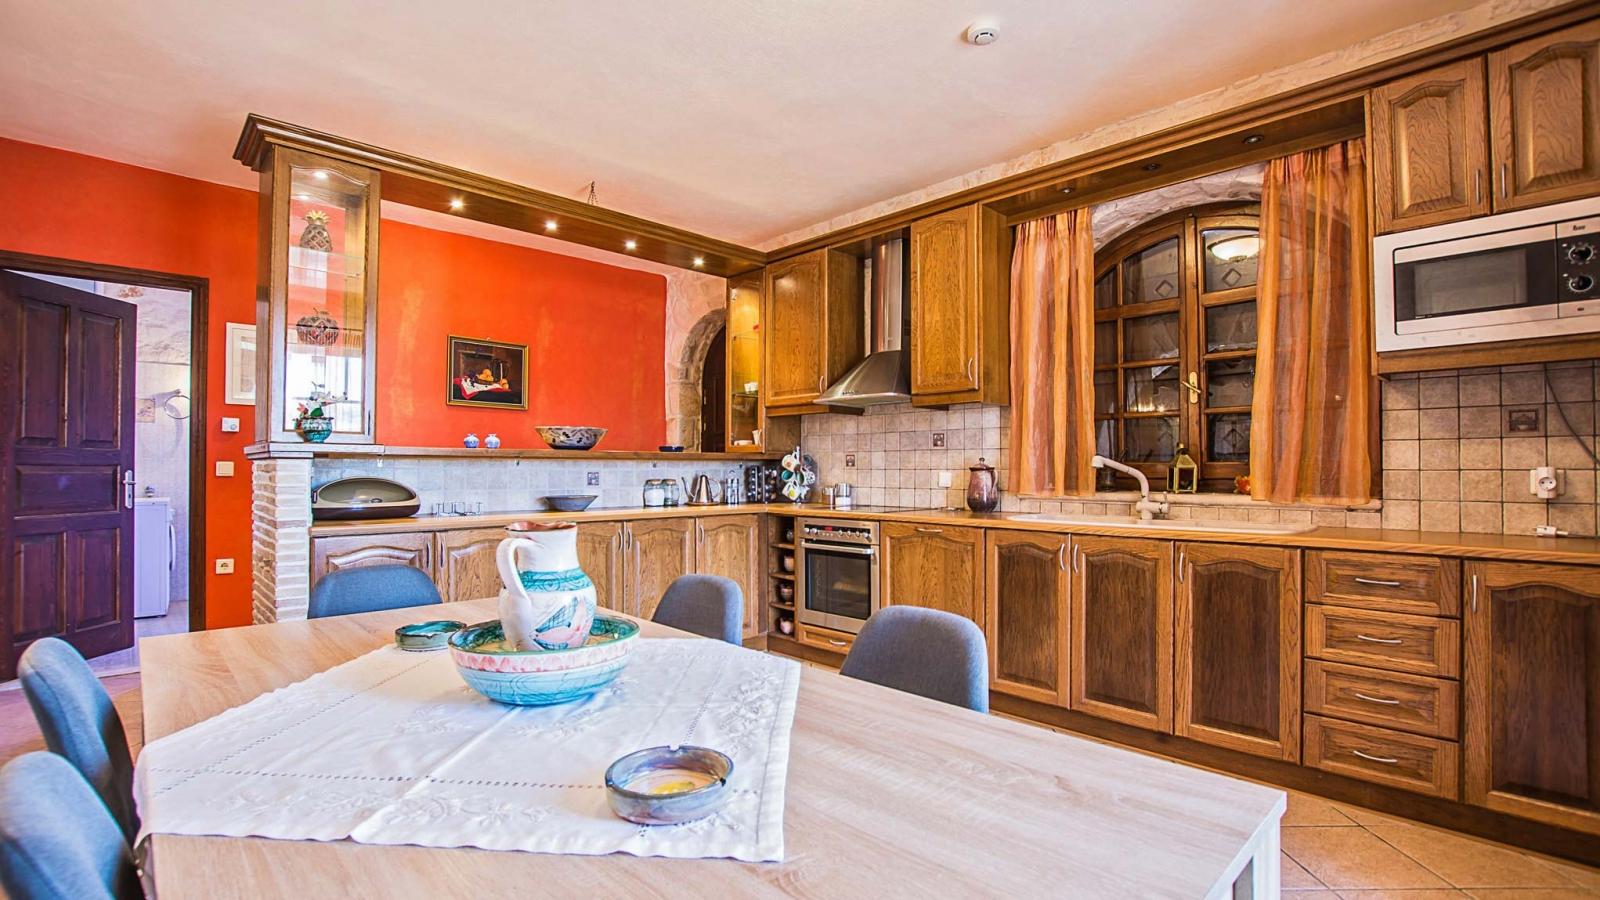 Ιδιωτική Villa Vivian για μεγάλες οικογένειες ή παρέες ...